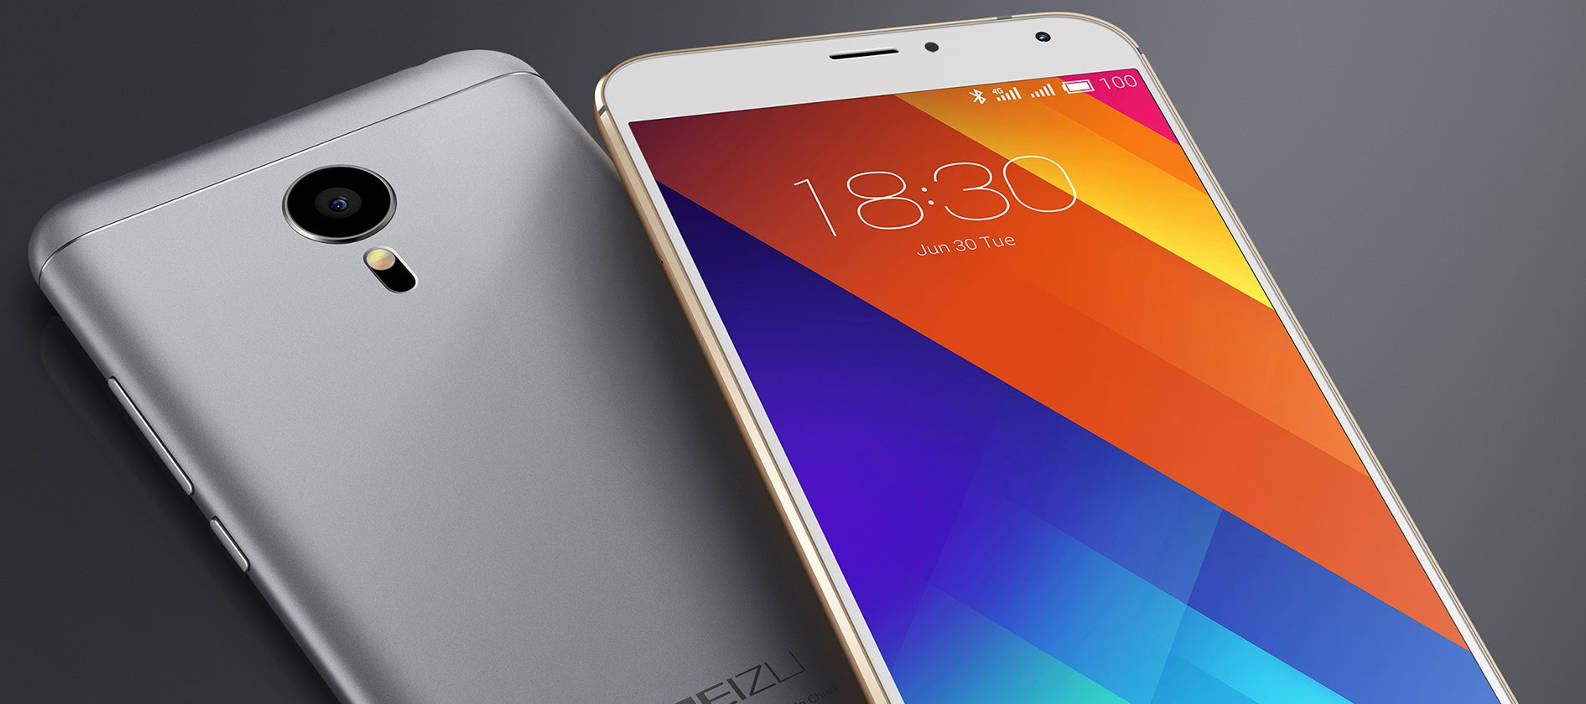 Сравнение Meizu MX5 и MX6: 10 главных отличий